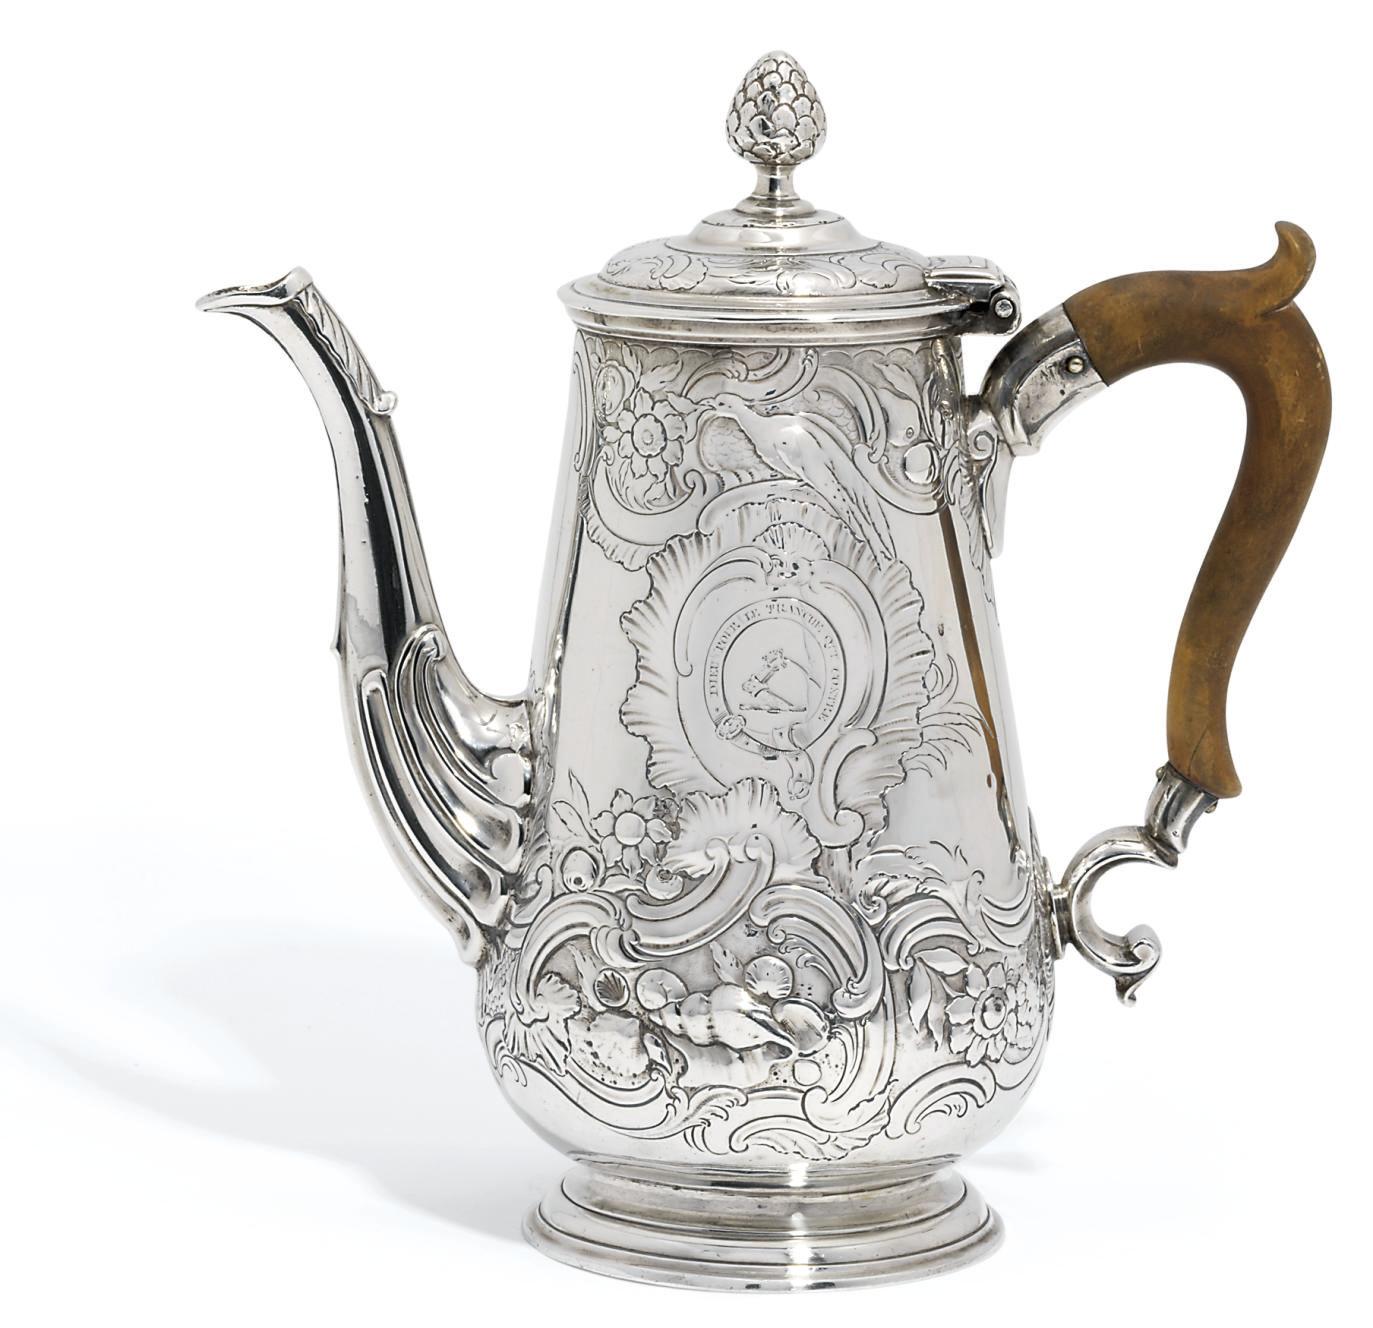 A GEORGE II IRISH SILVER COFFE